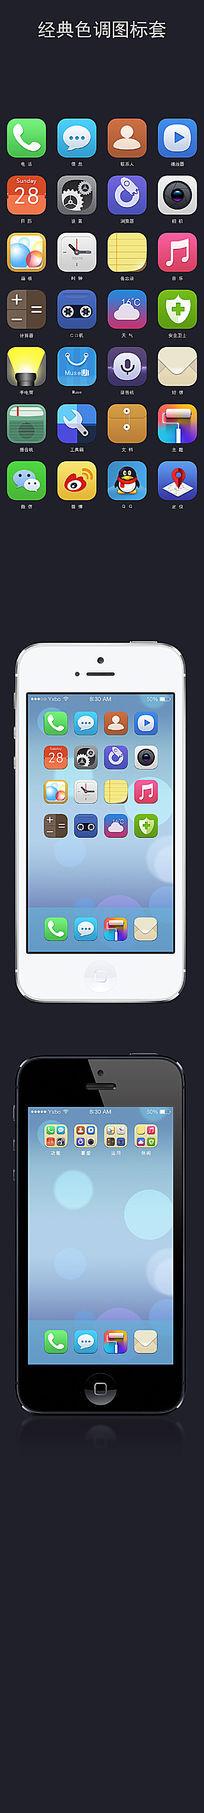 2D扁平风格28个图标套手机模板展示